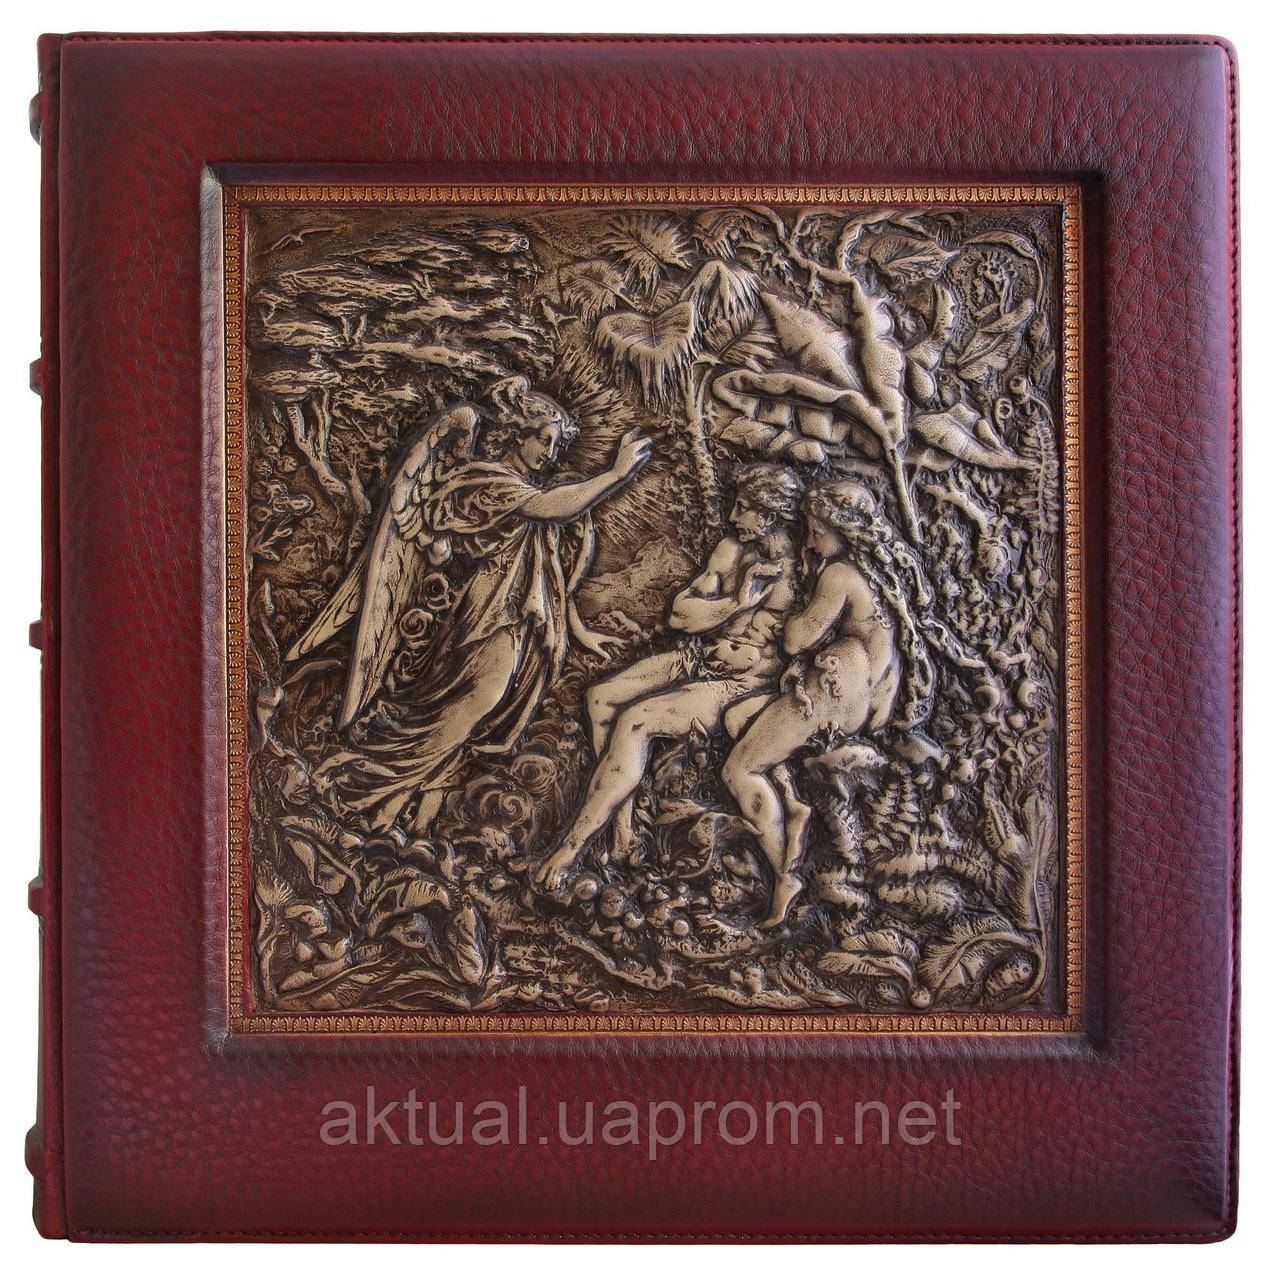 Фотоальбом «Эдемов сад» в кожаном переплете.